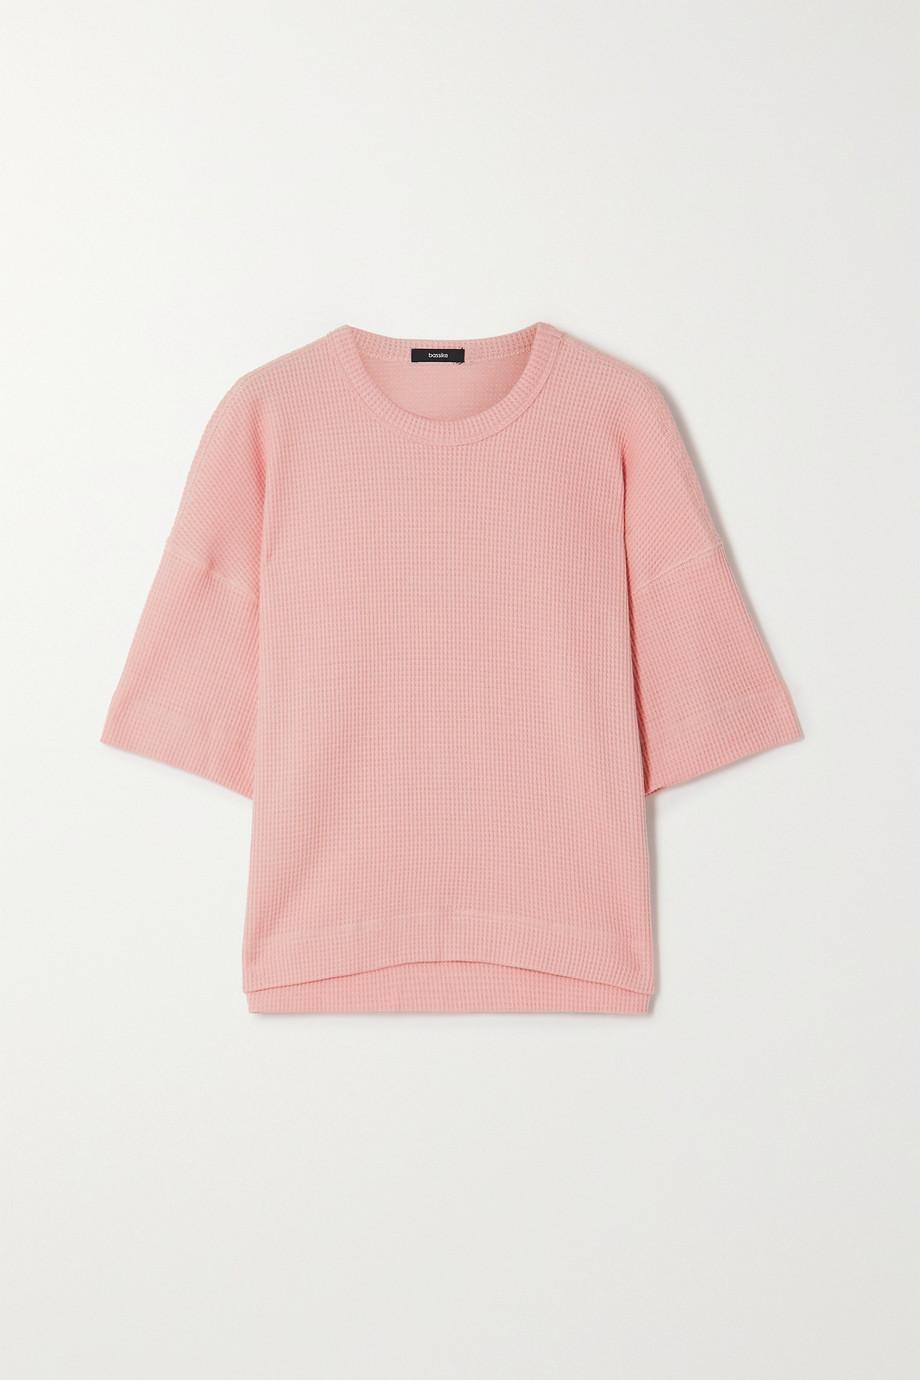 Bassike Waffle-knit organic cotton T-shirt